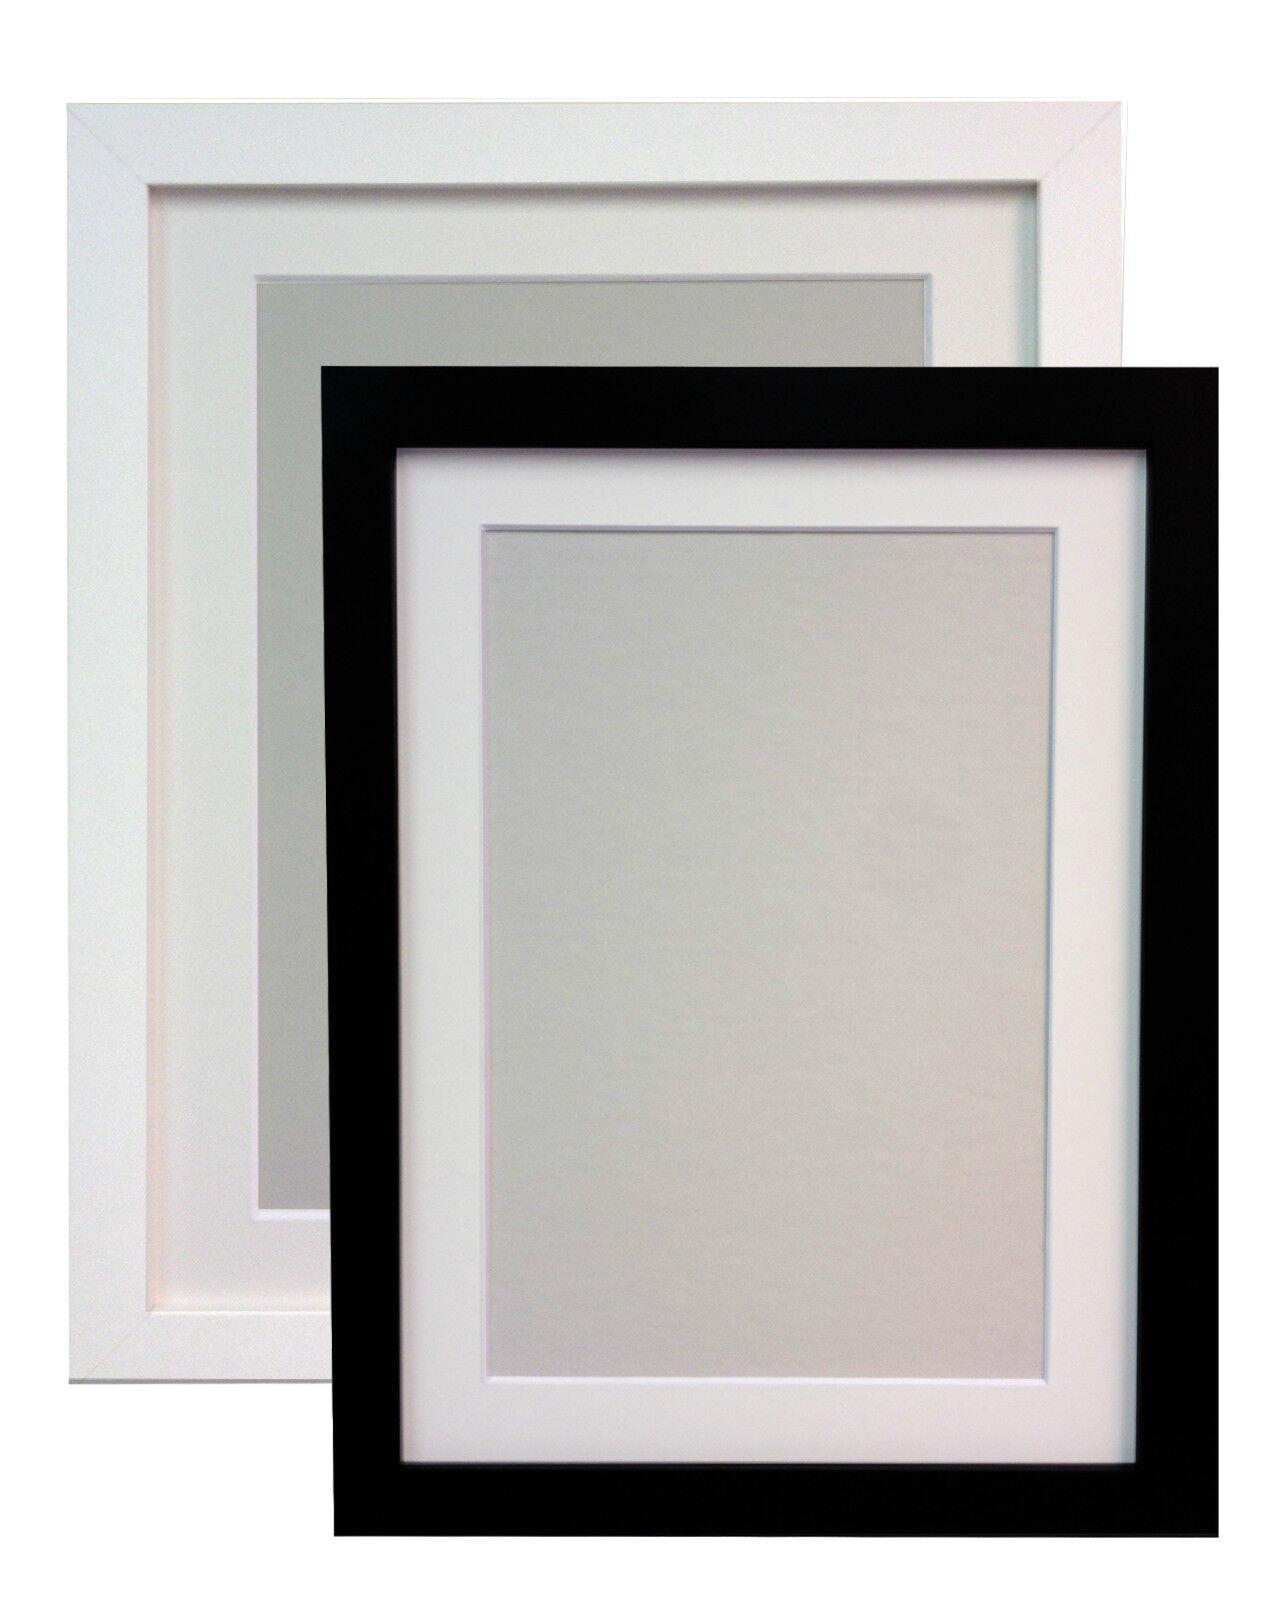 black or white large photo picture frames white black or ivory mounts mdf h7 ebay. Black Bedroom Furniture Sets. Home Design Ideas